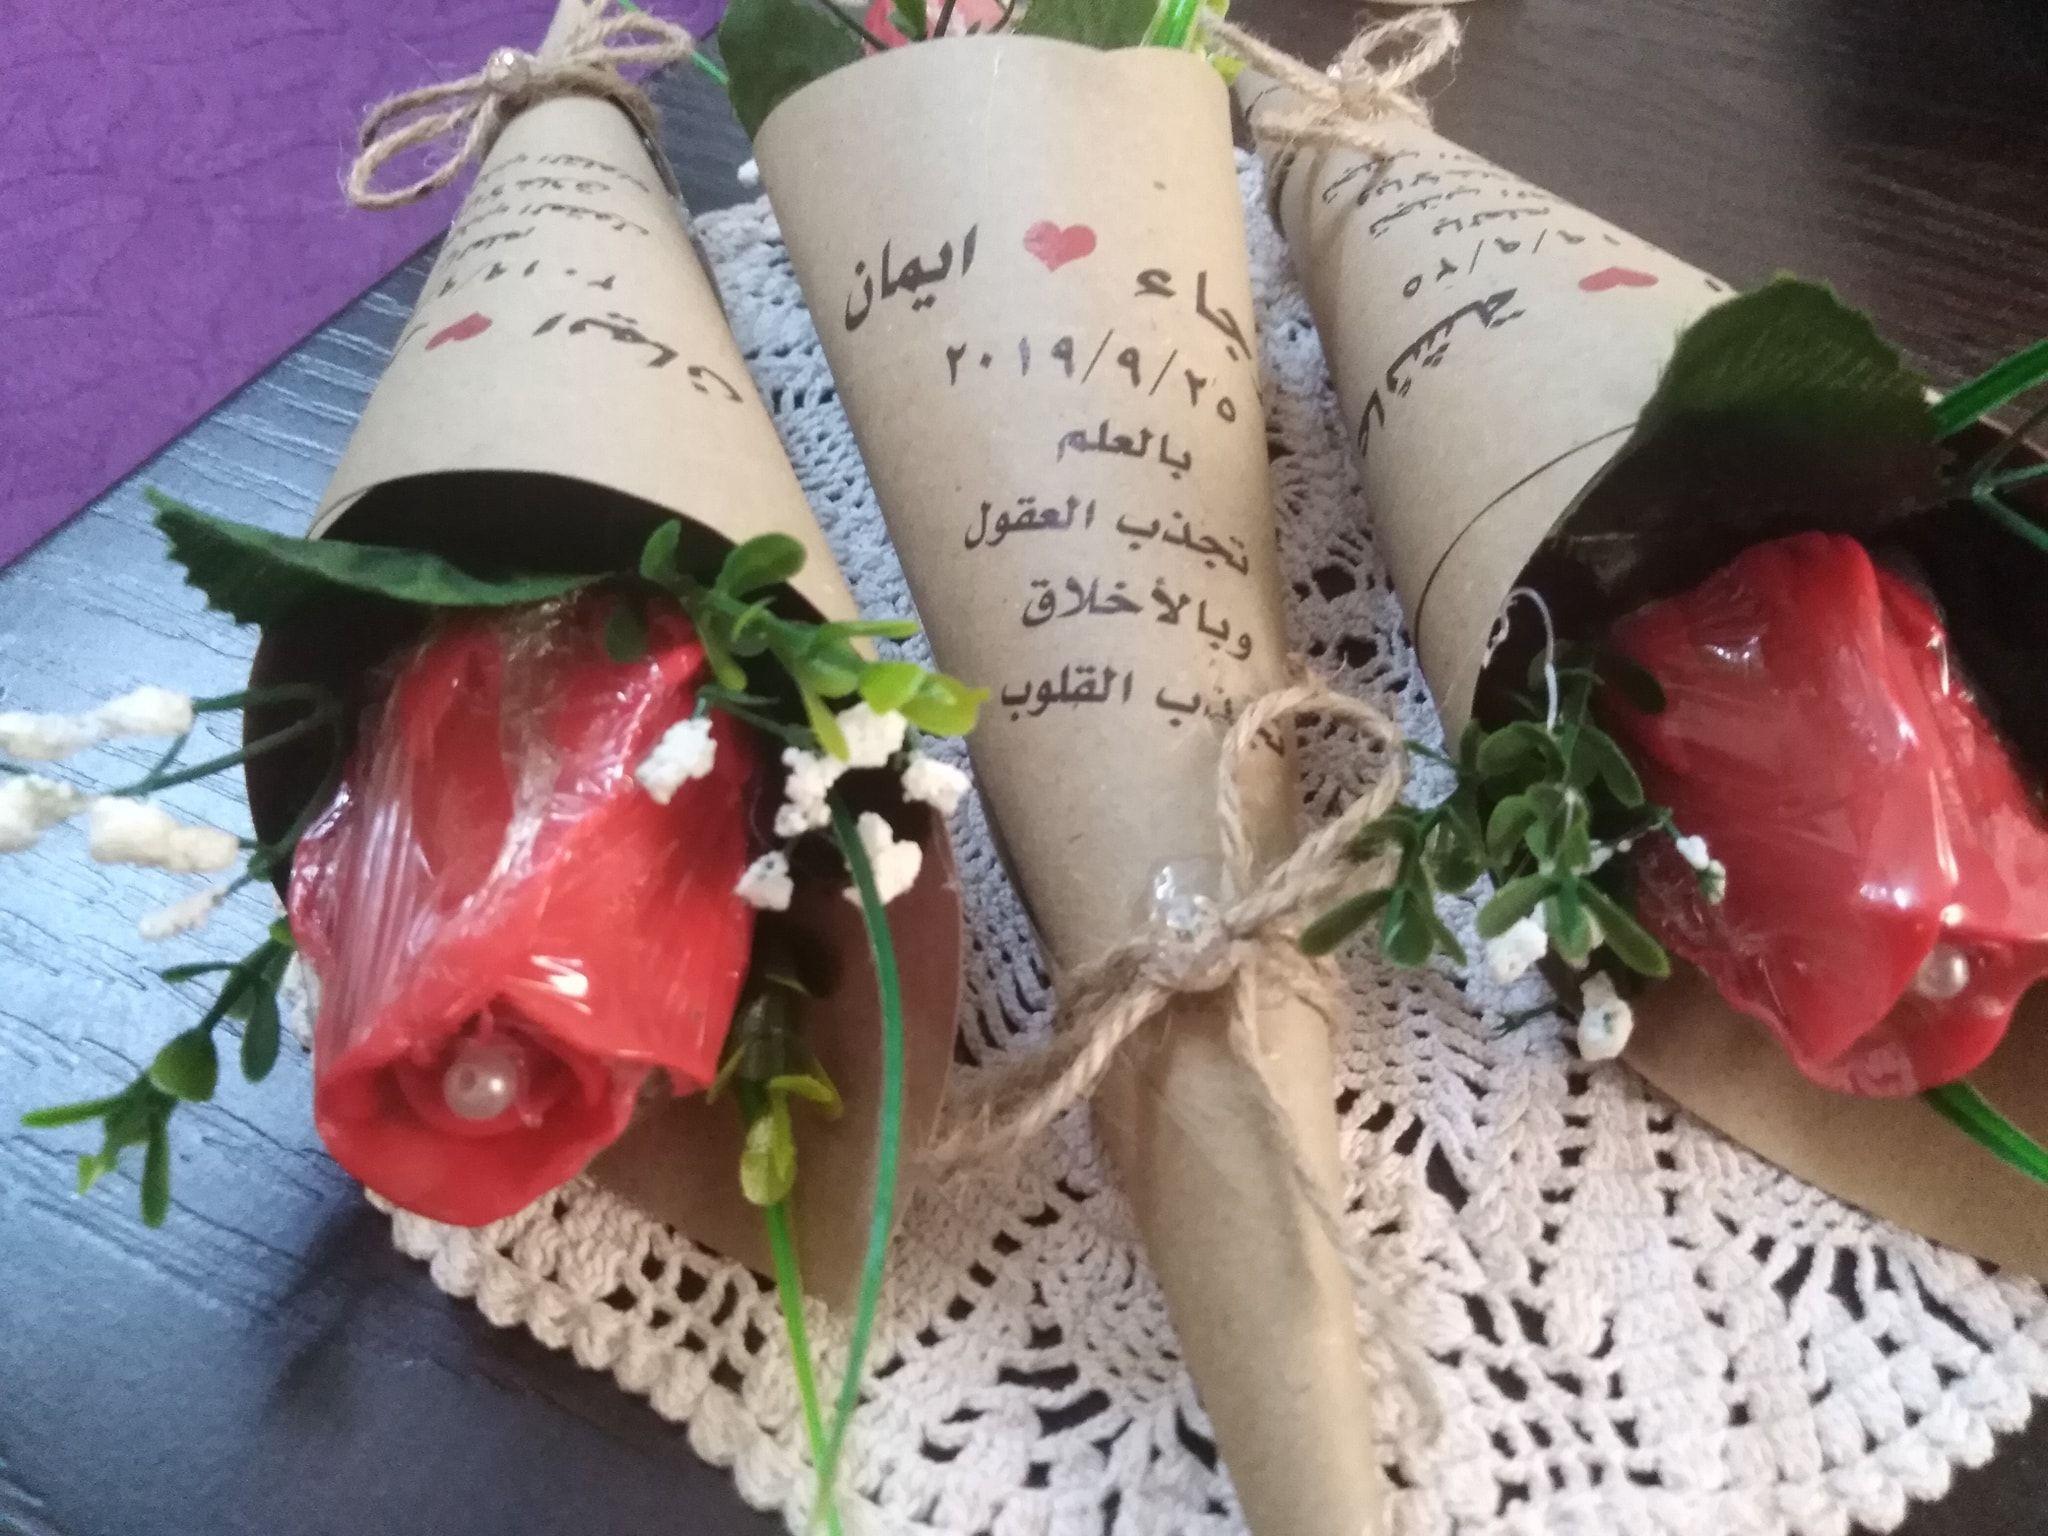 باقات ورد بالعلم تجذب العقول وبالأخلاق تجذب القلوب مصطفى نور الدين Gift Wrapping Gifts Wrap